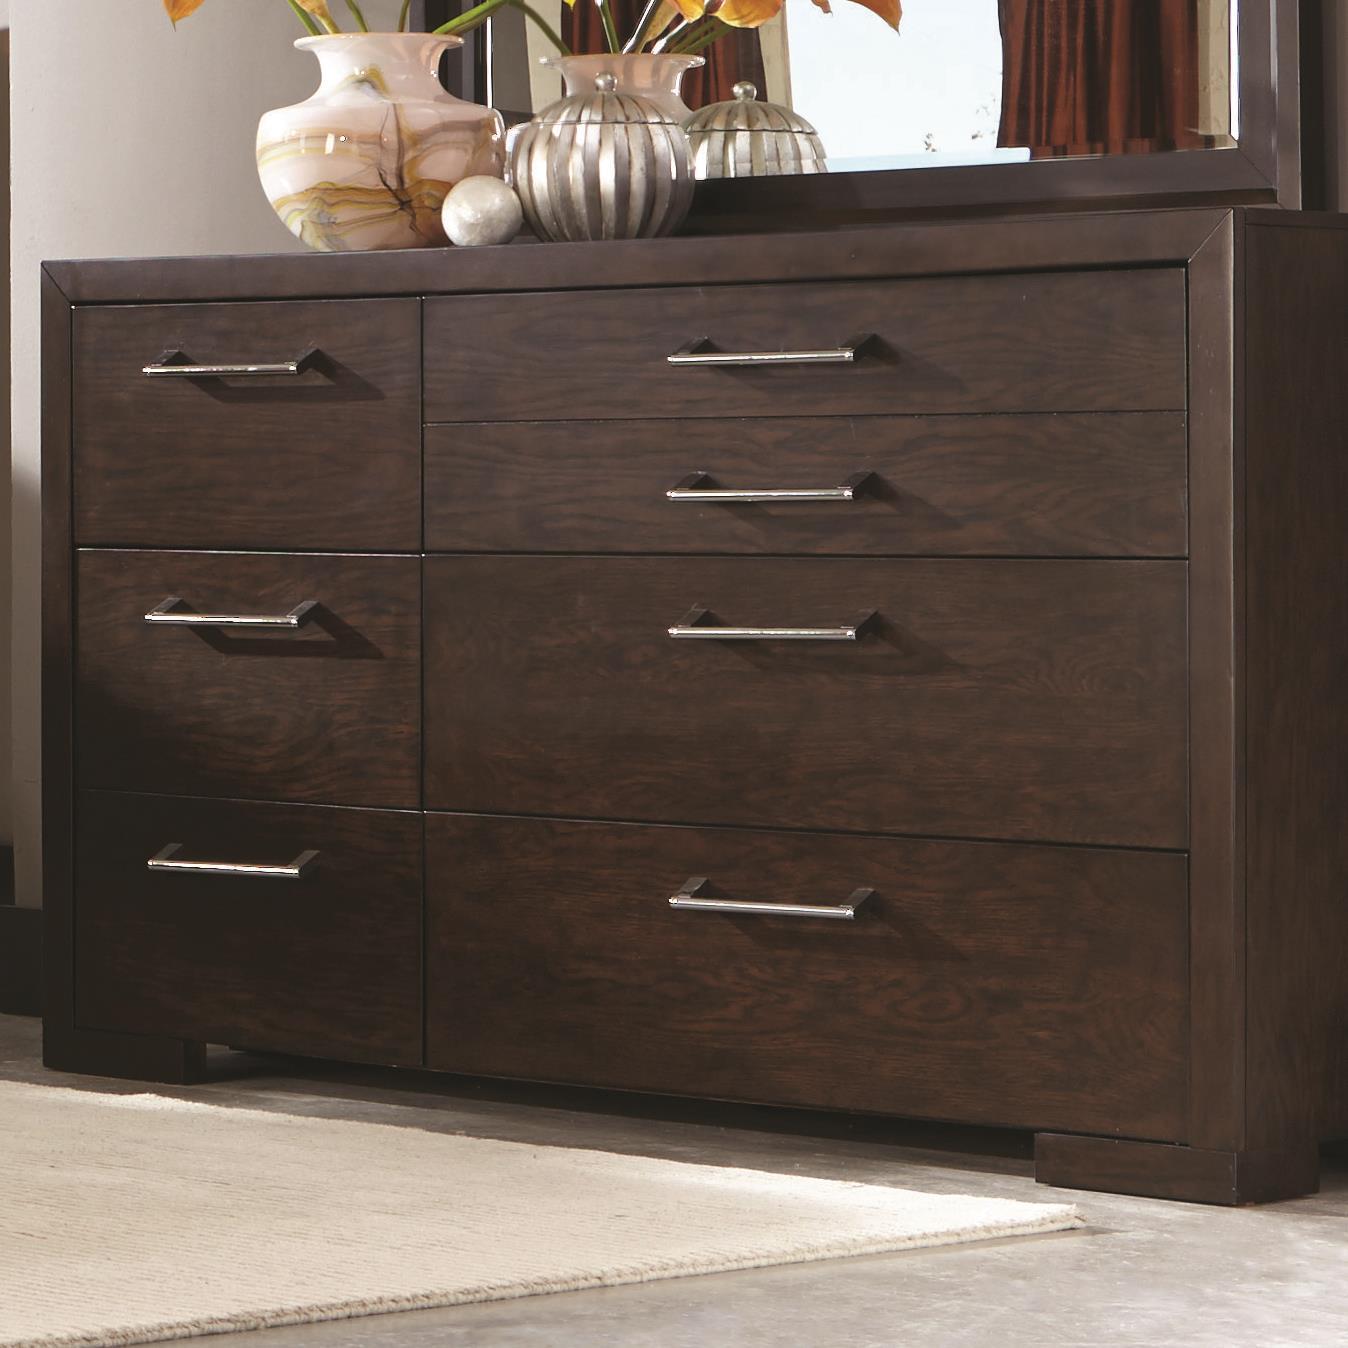 Coaster Berkshire 7 Drawer Dresser - Item Number: 204463